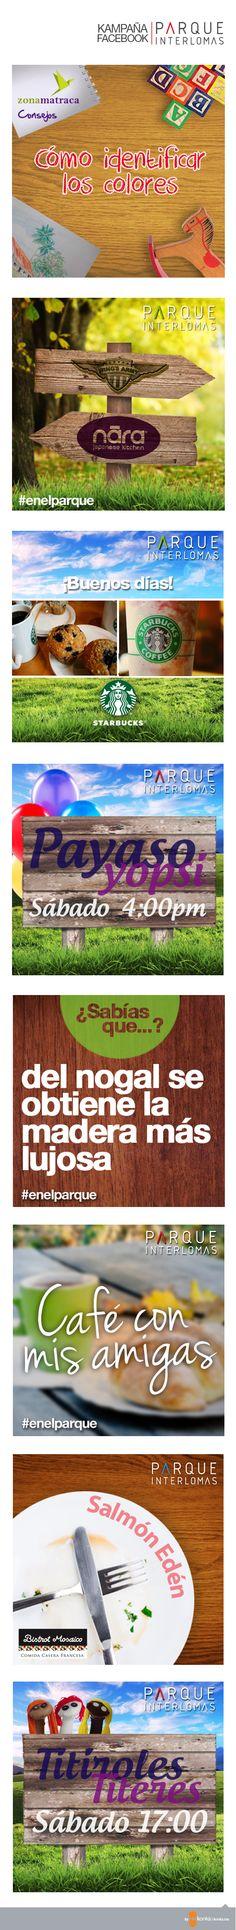 Parque Interlomas - Facebook